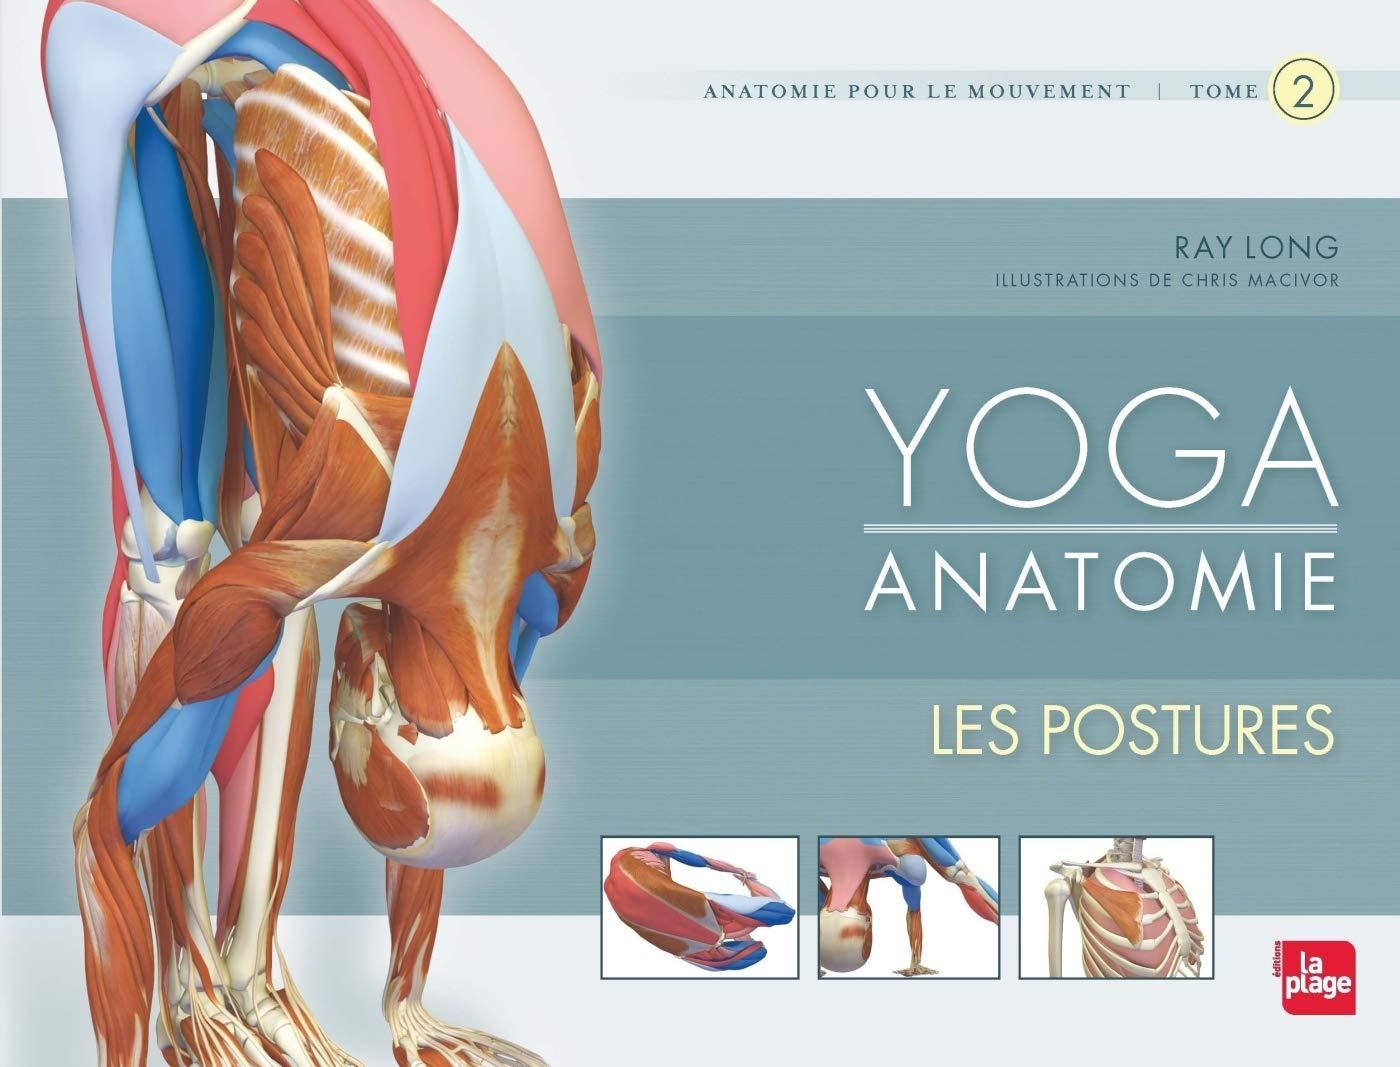 yoga-postures-ray-long